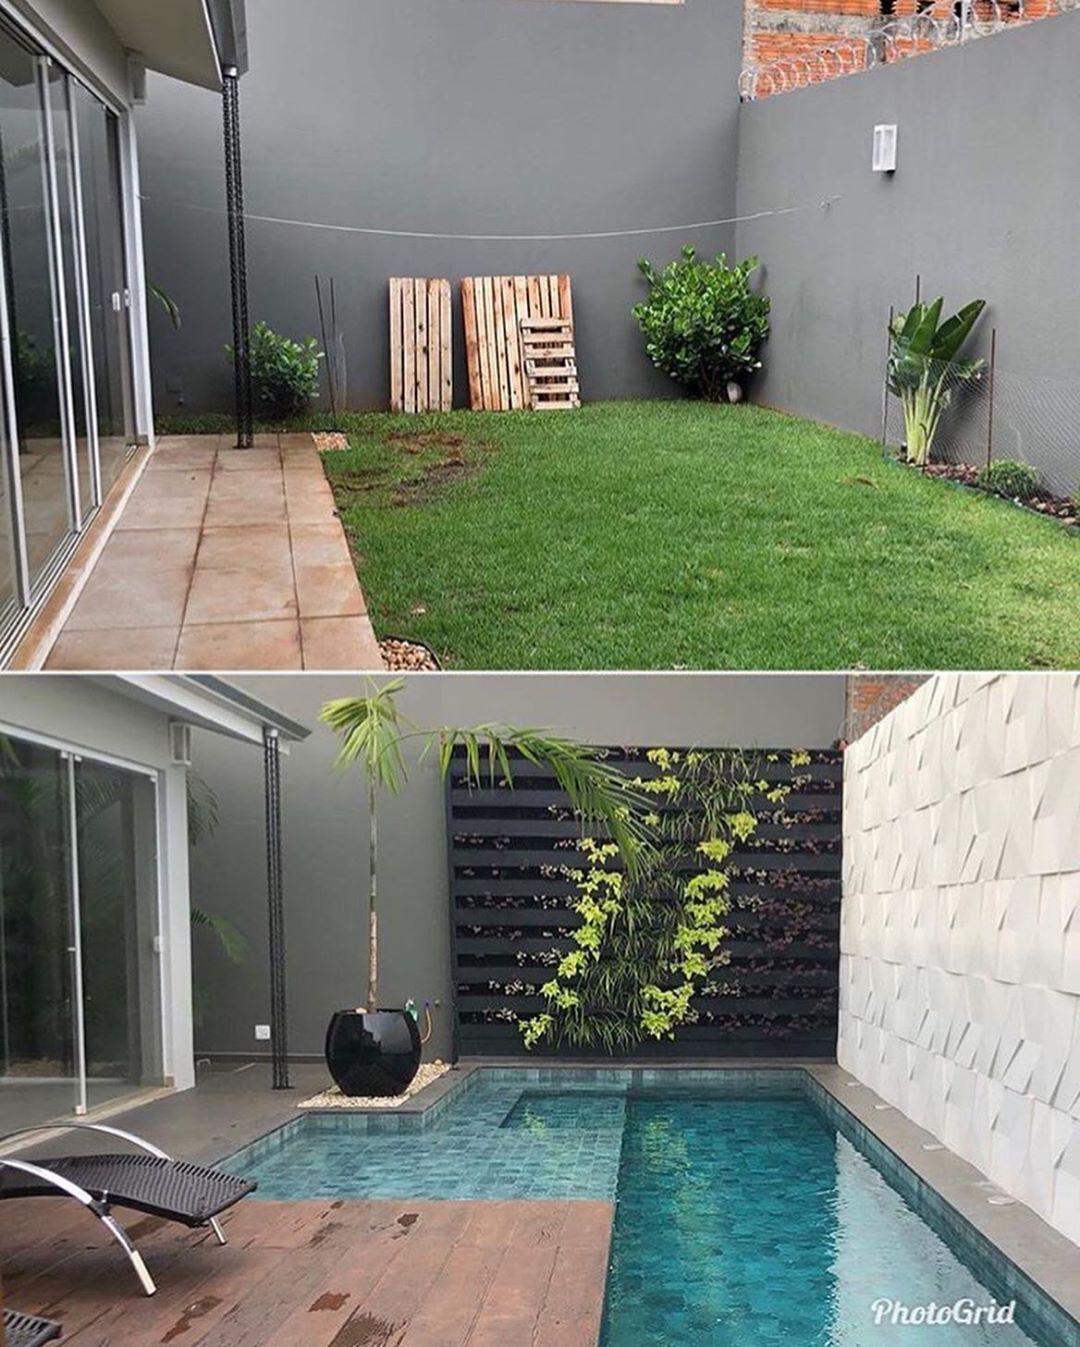 jardim vertical natural - entenda antes